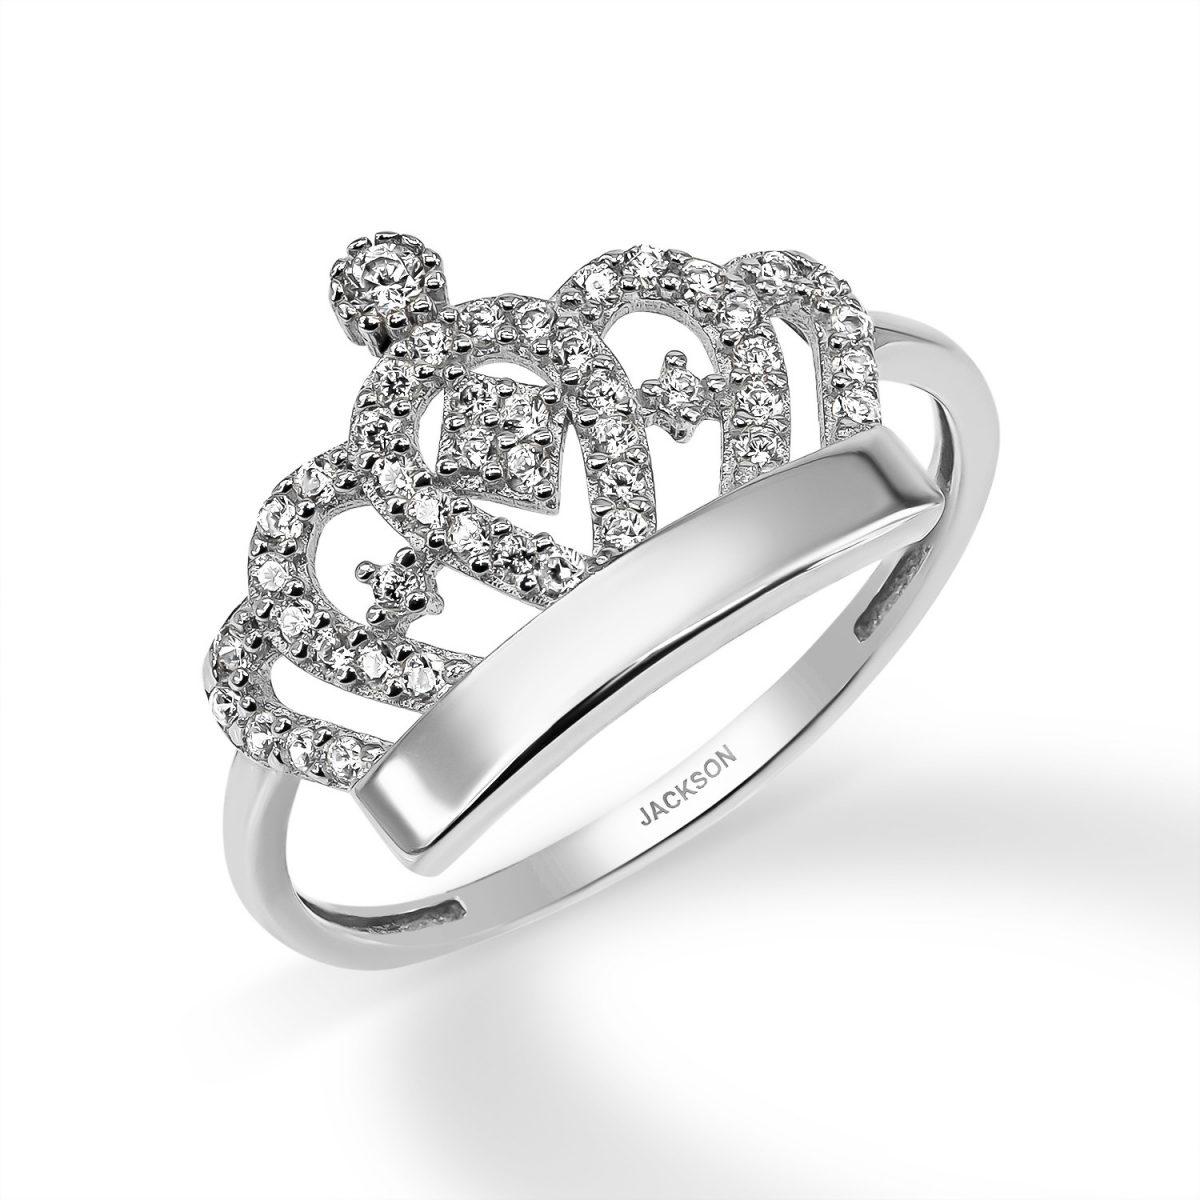 טבעת זרקונים - כתר - זהב לבן